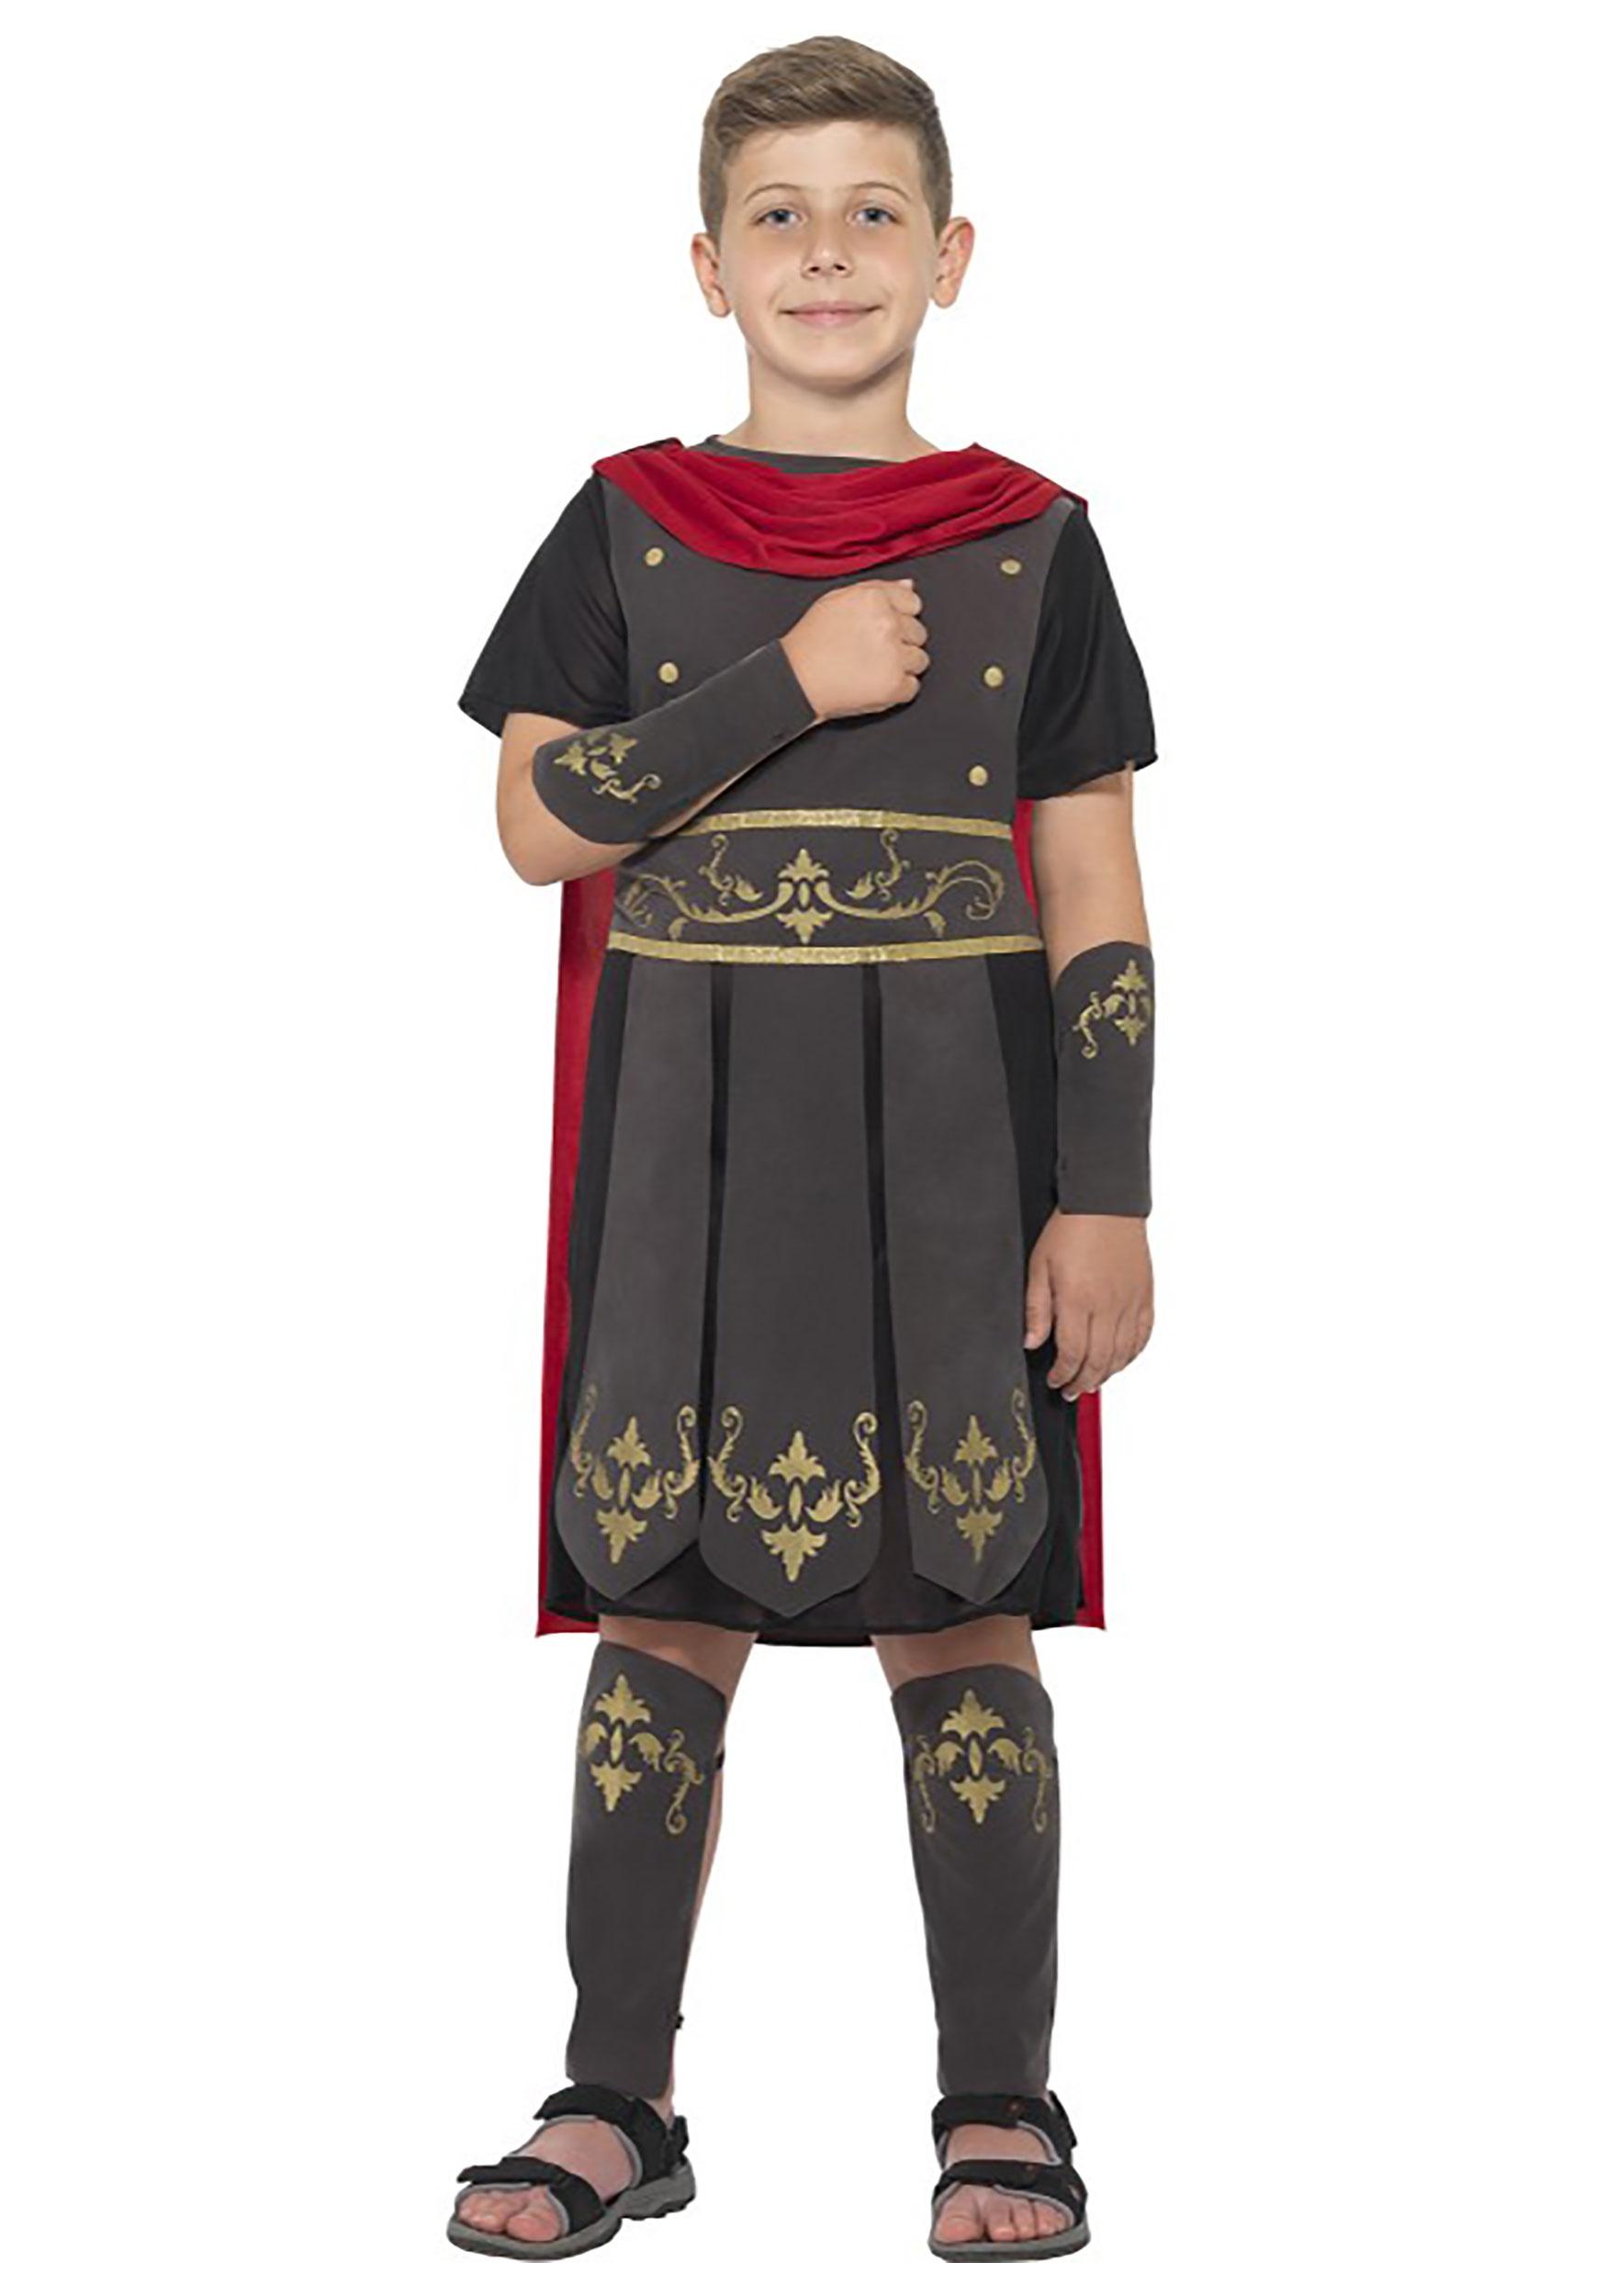 6423fd46ffa Boys Roman Soldier Costume